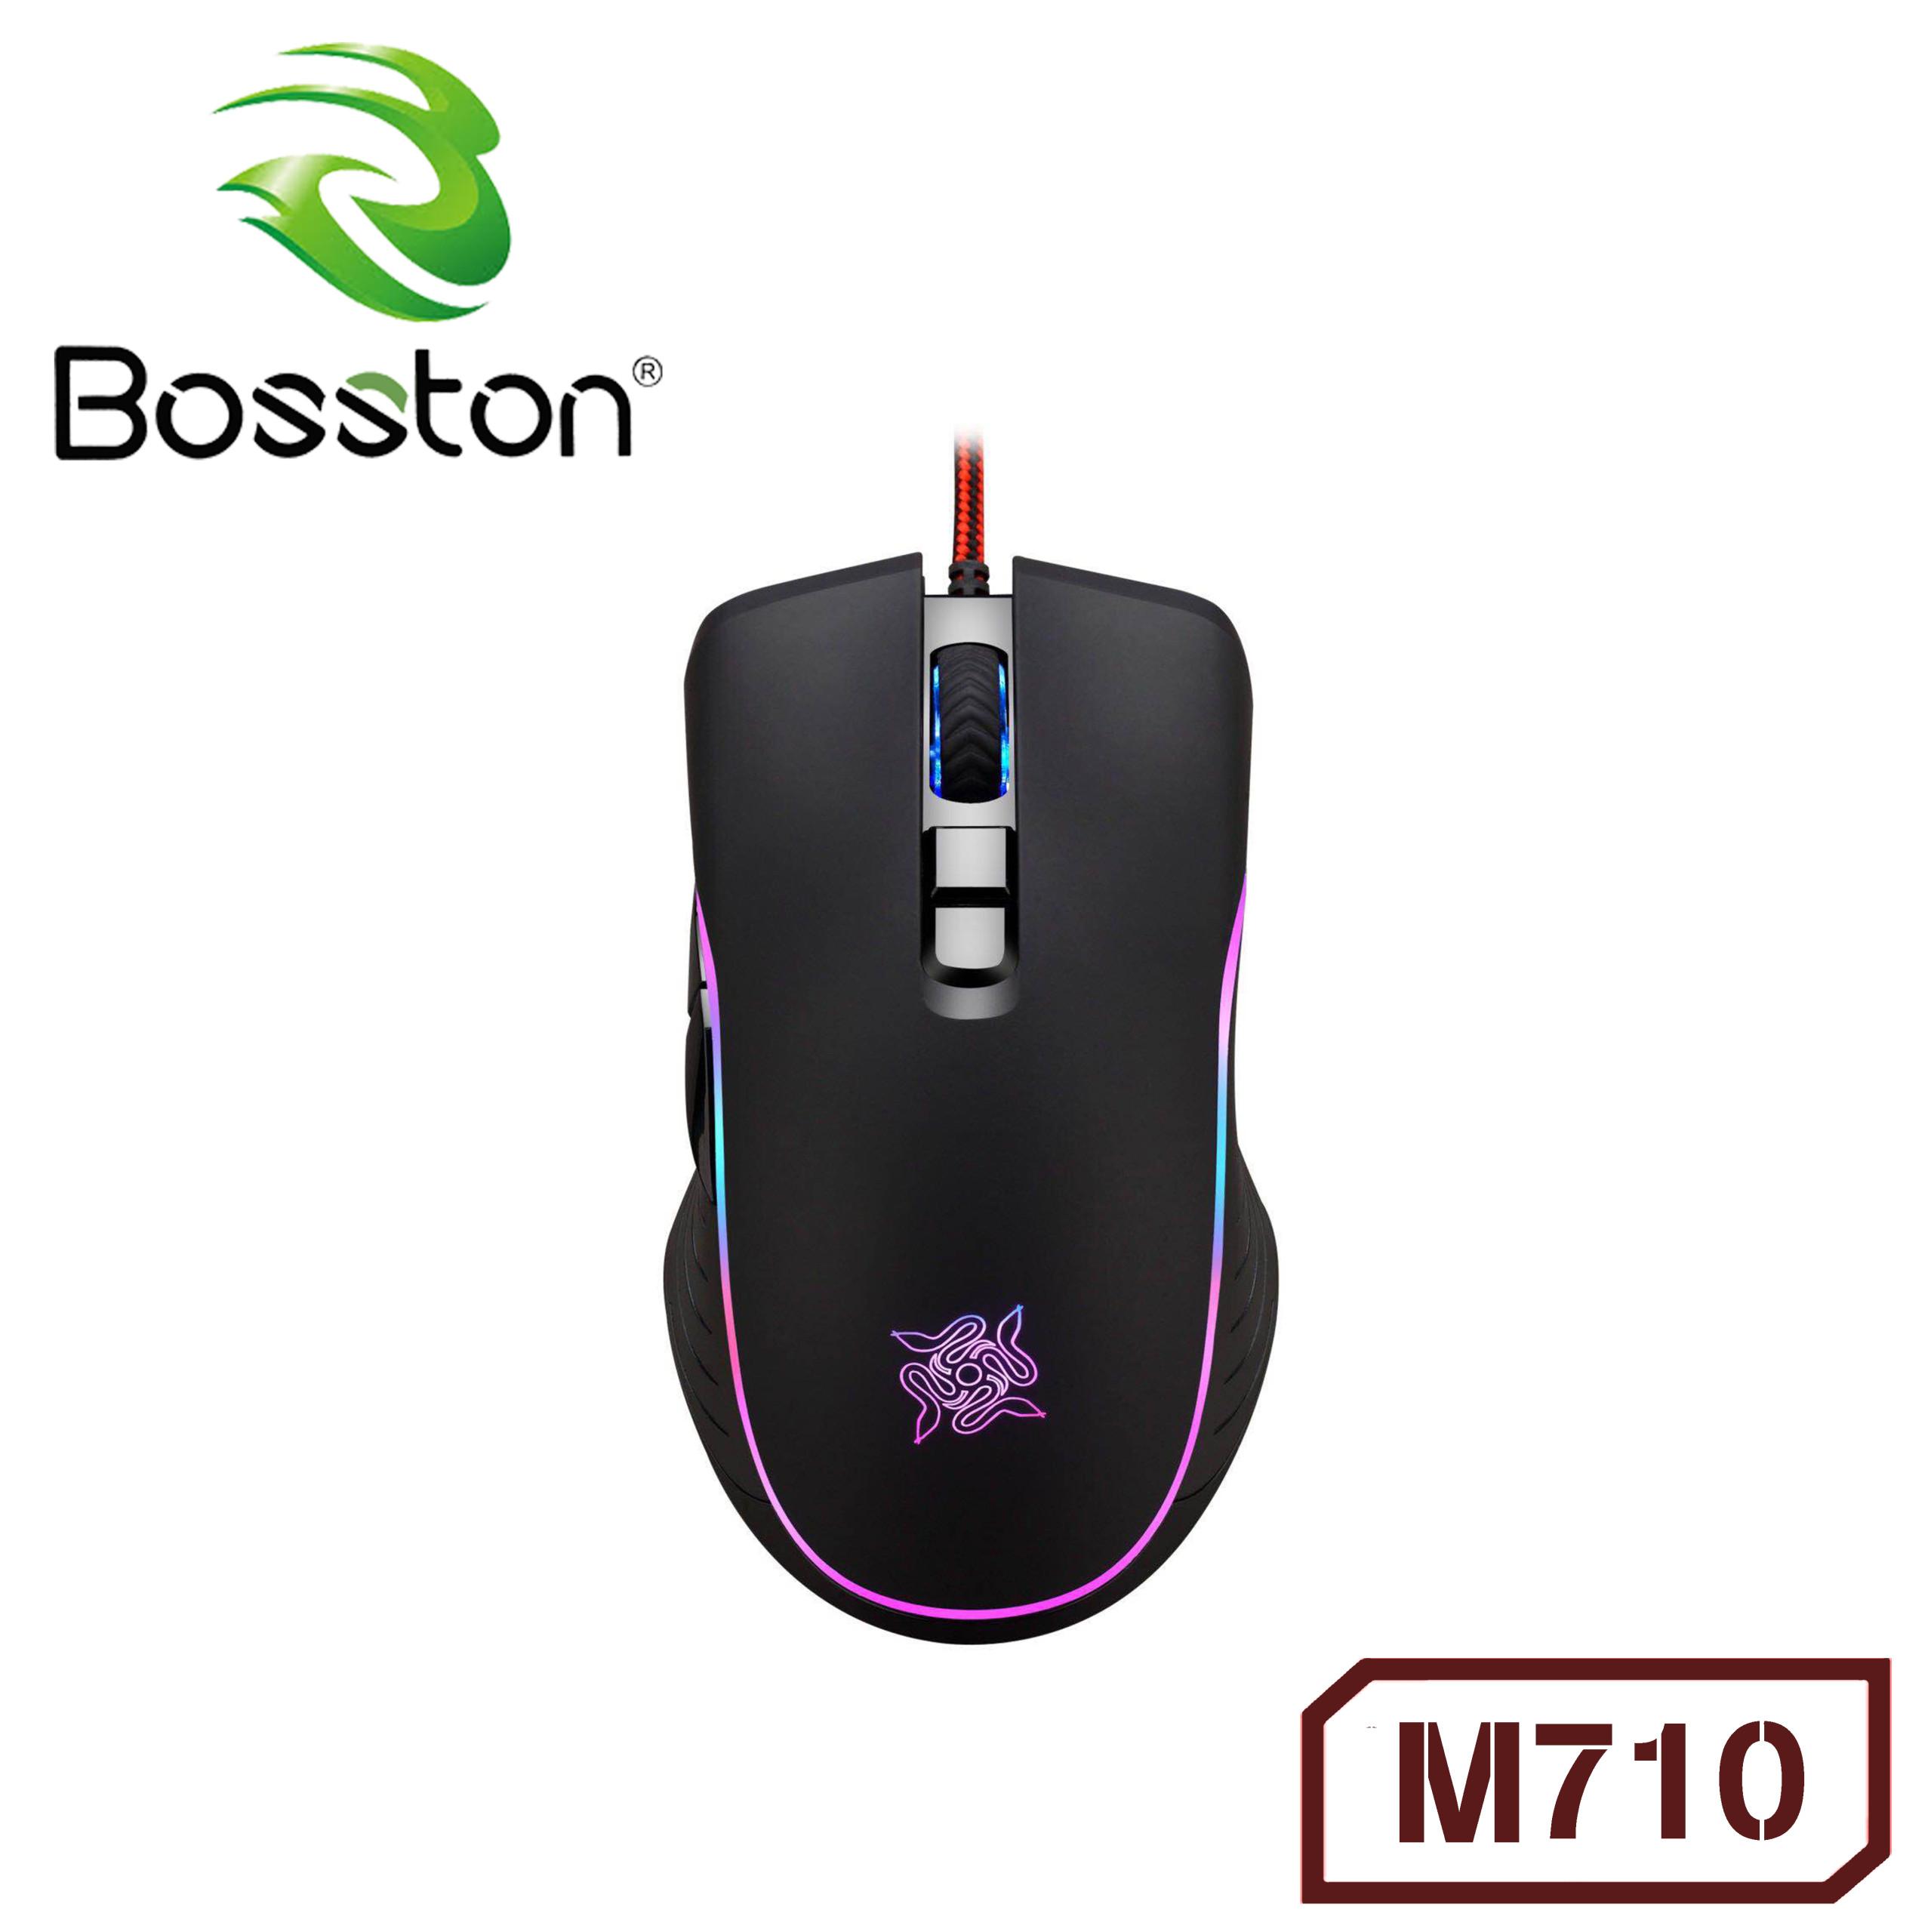 Chuột Bosston M710 LED RGB - Hàng Nhập Khẩu